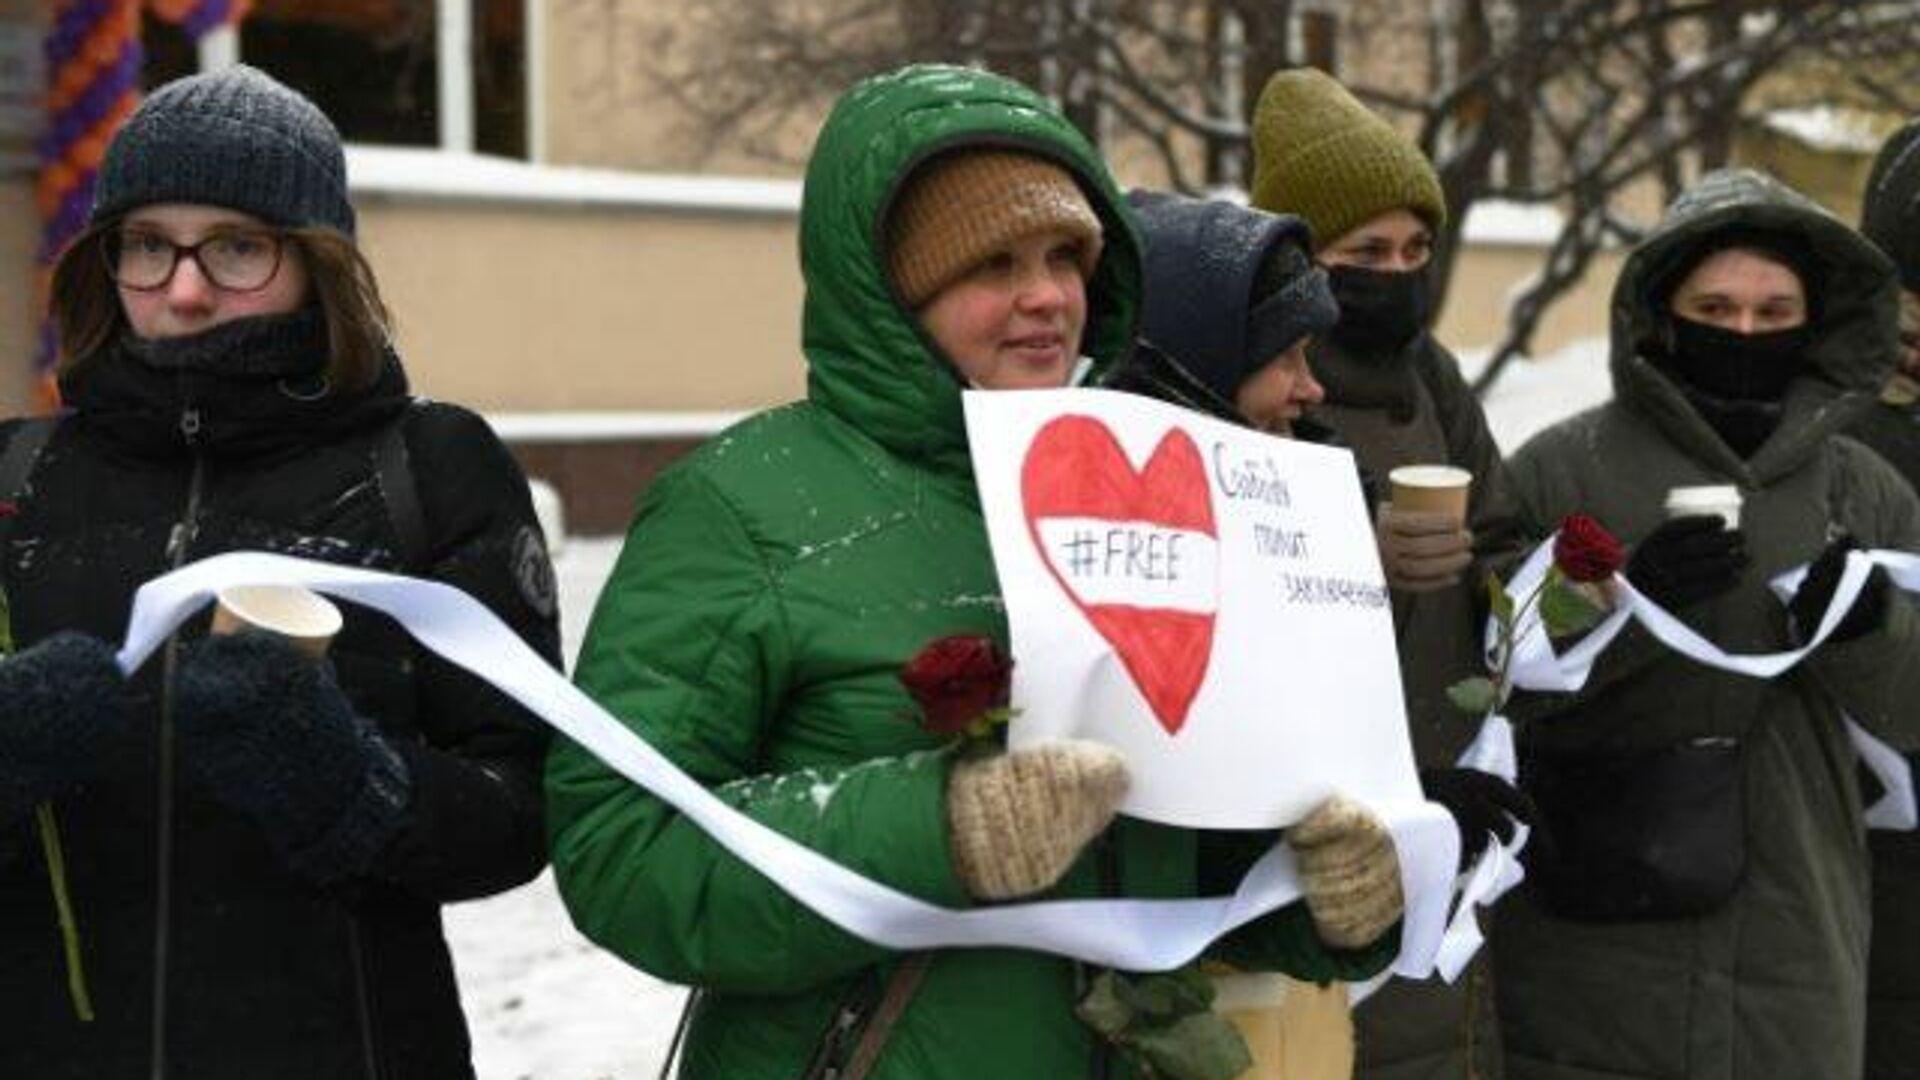 В Москве прошла акция в поддержку уехавшей из РФ Юлии Навальной - РИА Новости, 1920, 14.02.2021